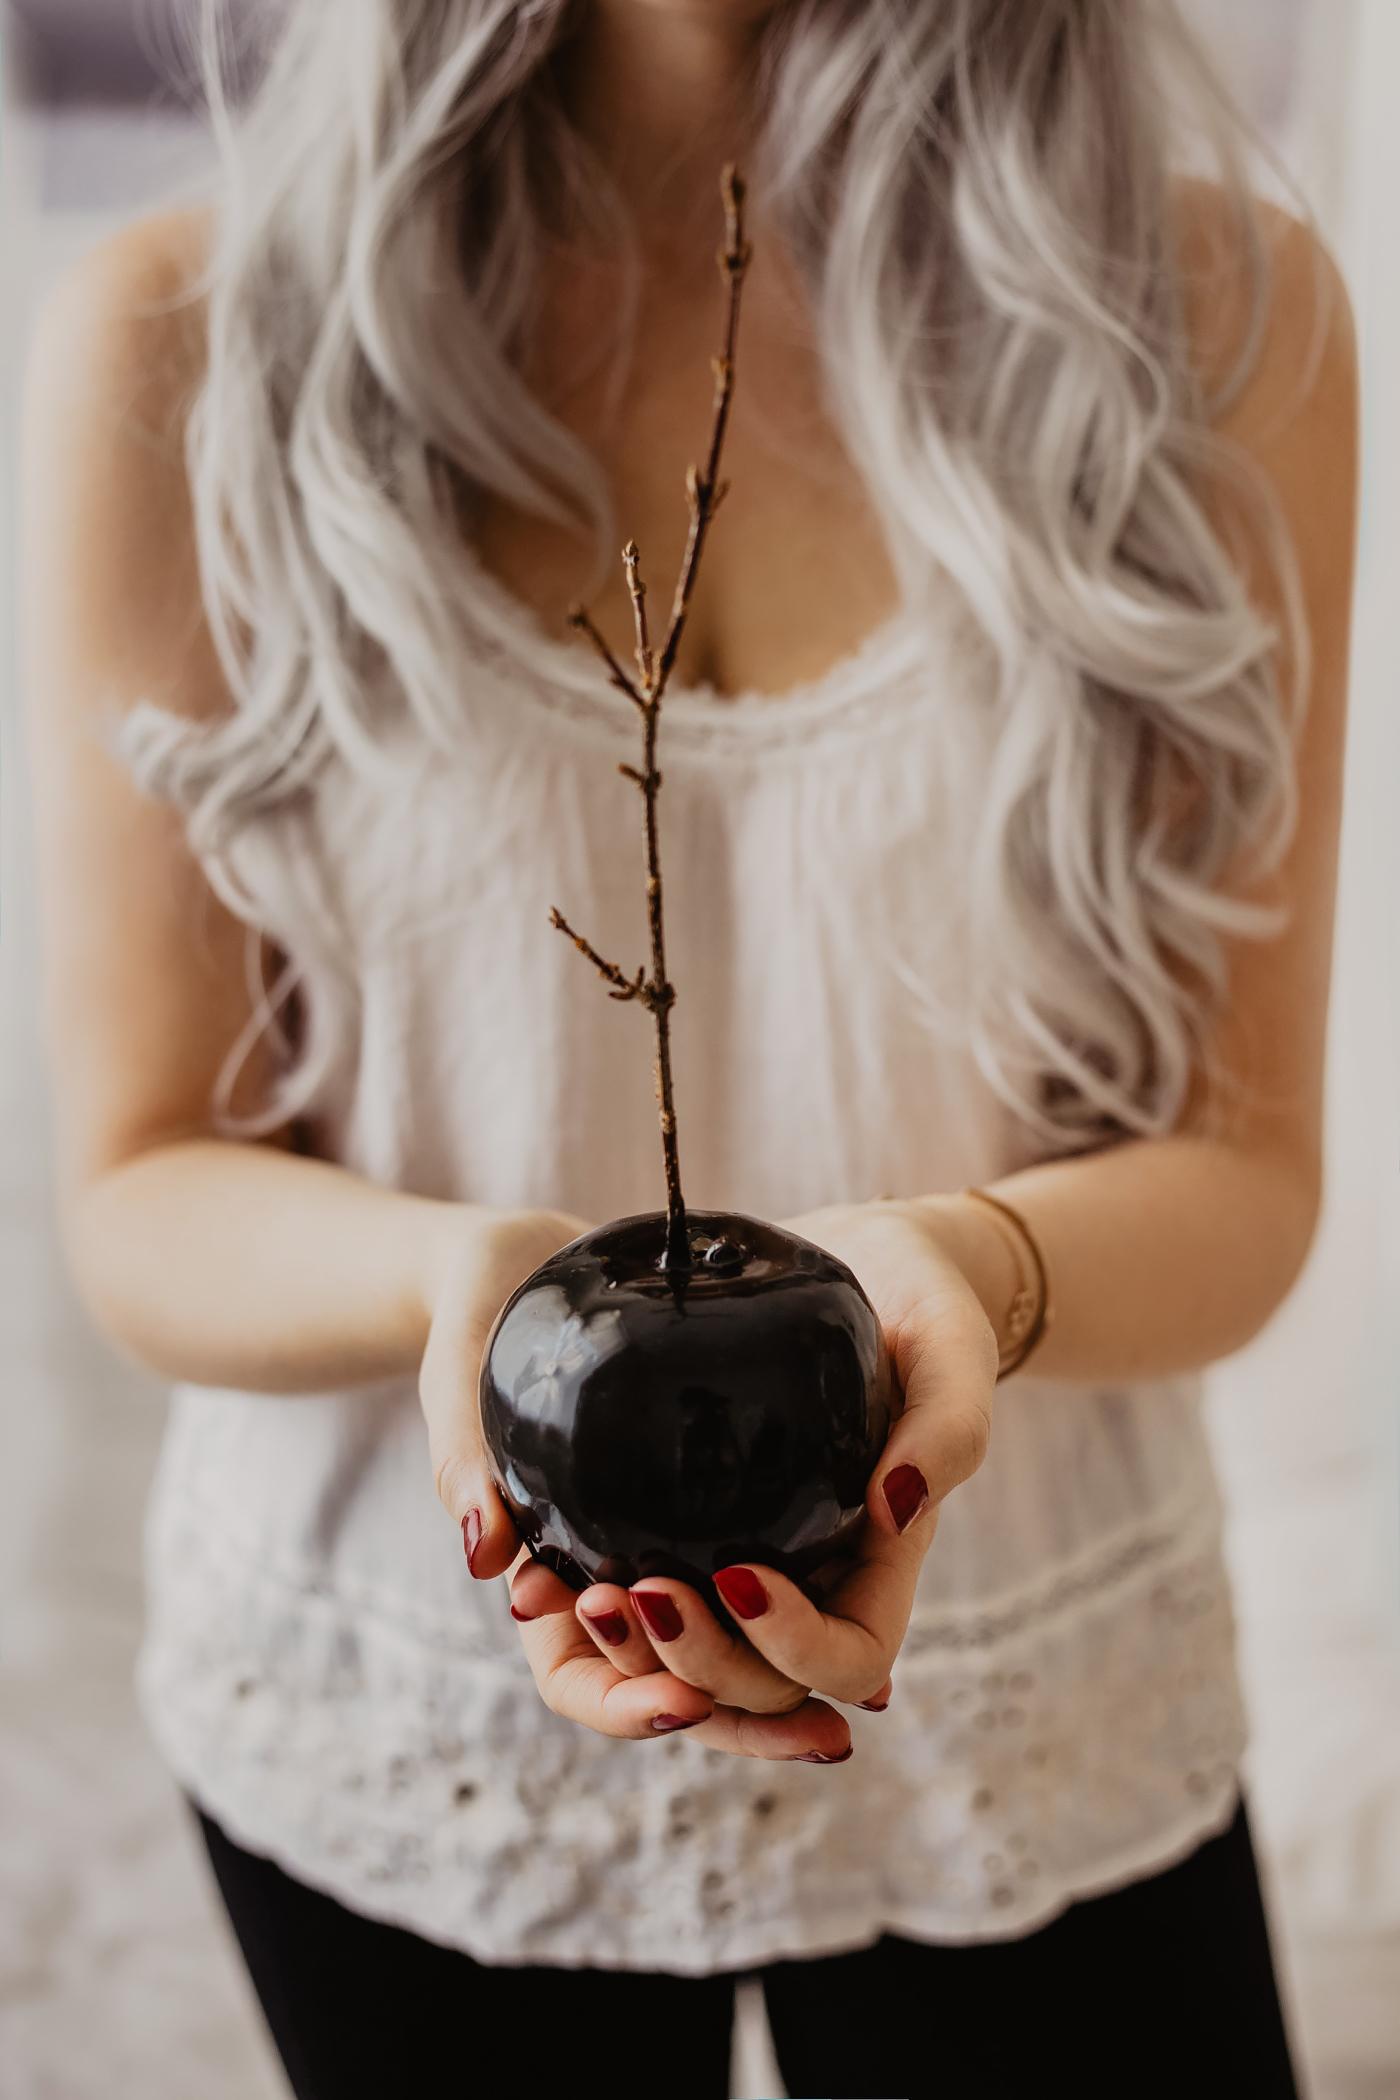 schwarze karamell äpfel halloween deko essen idee